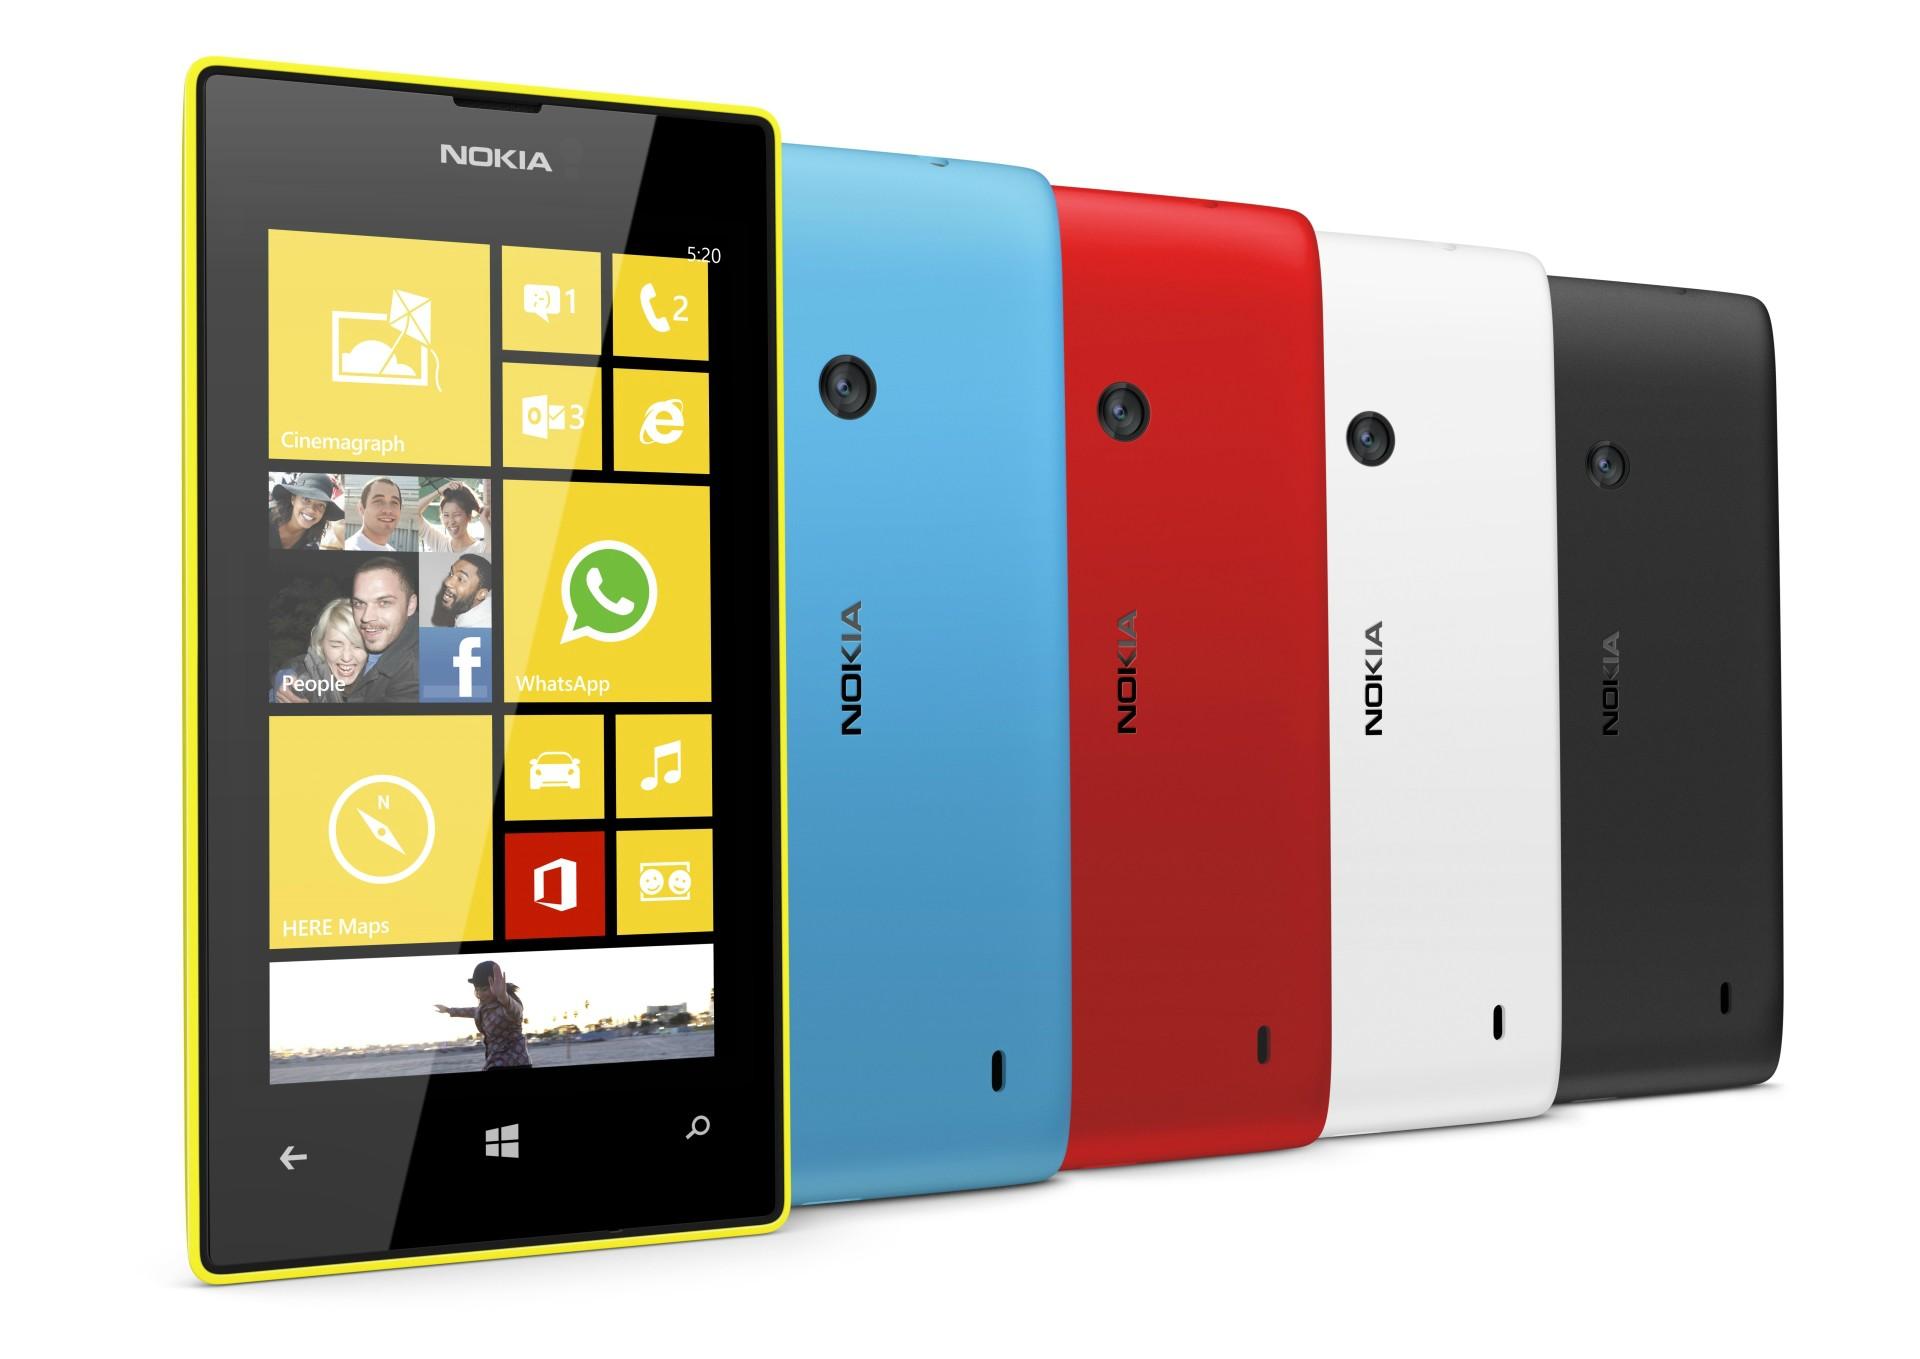 Nokia Lumia Series